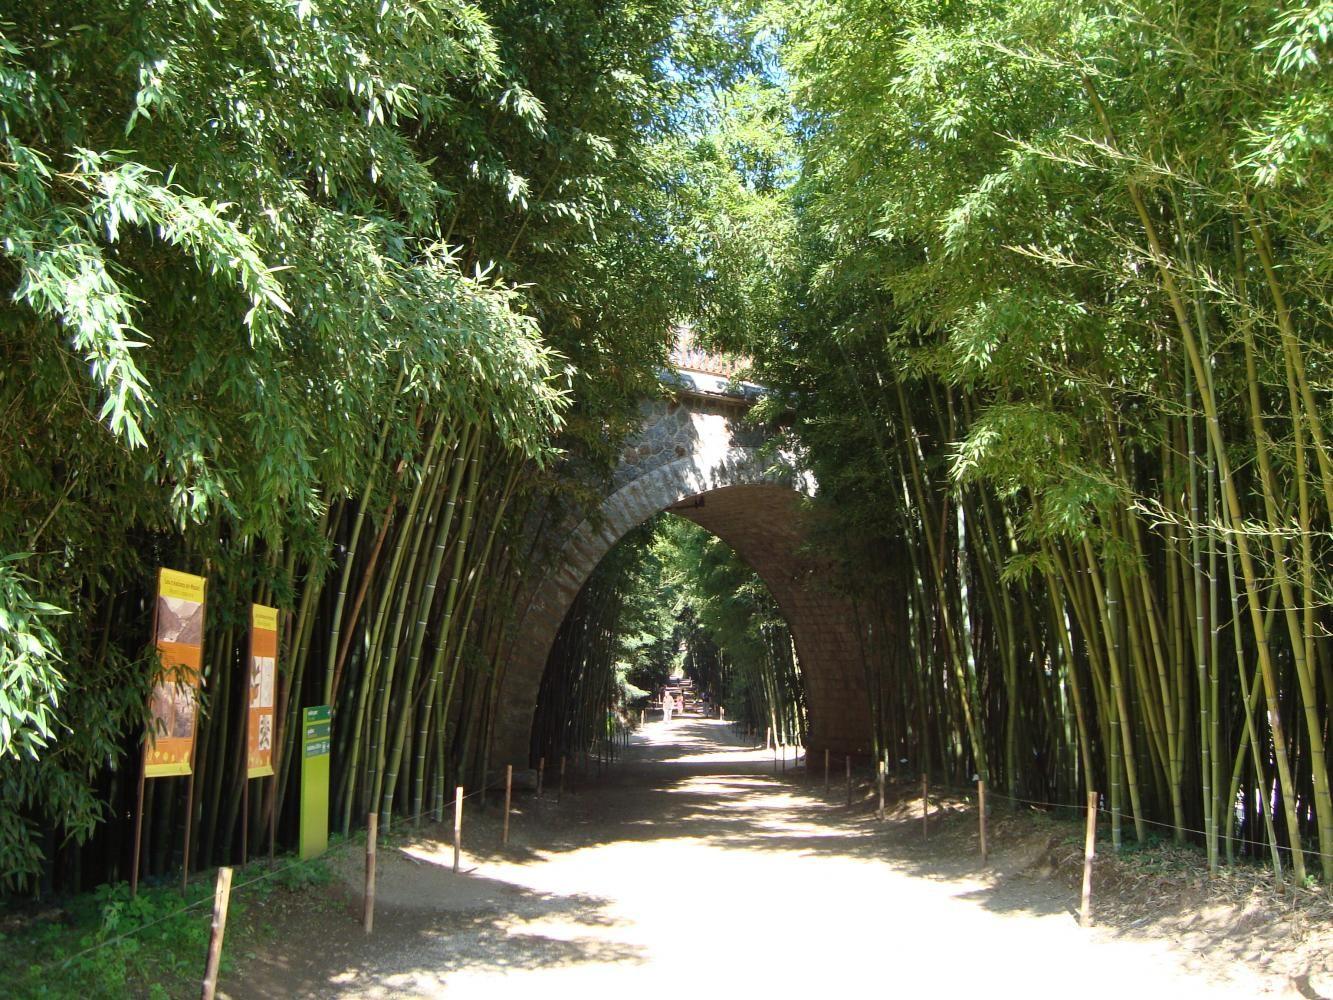 La bambouseraie de prafrance les jardins de france pinterest roussillon france le - La bambouseraie a anduze ...